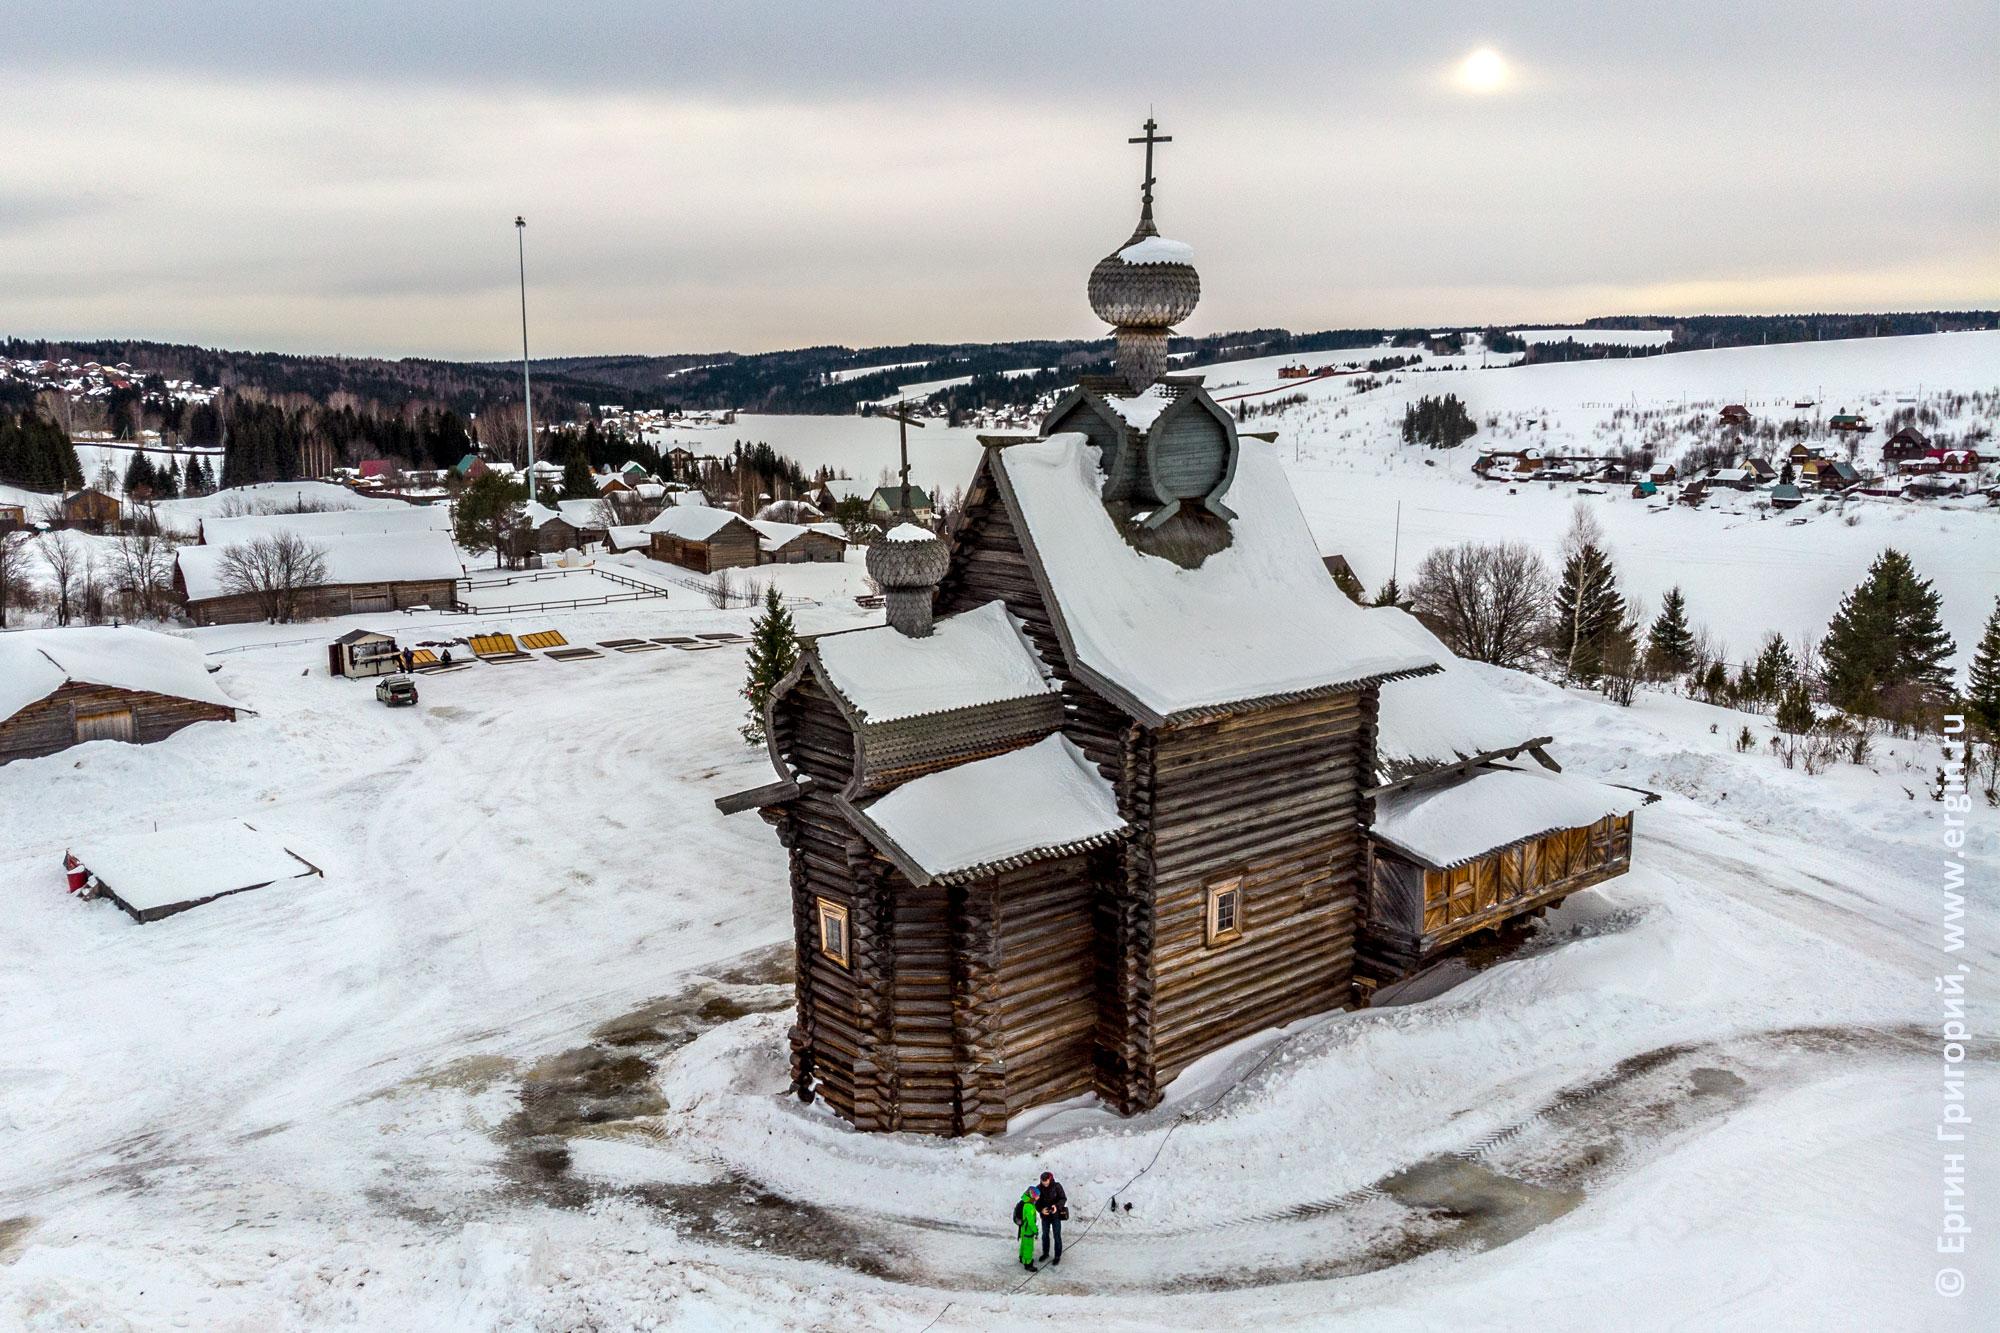 Пермский этнографический музей Хохловка церковь-корабль